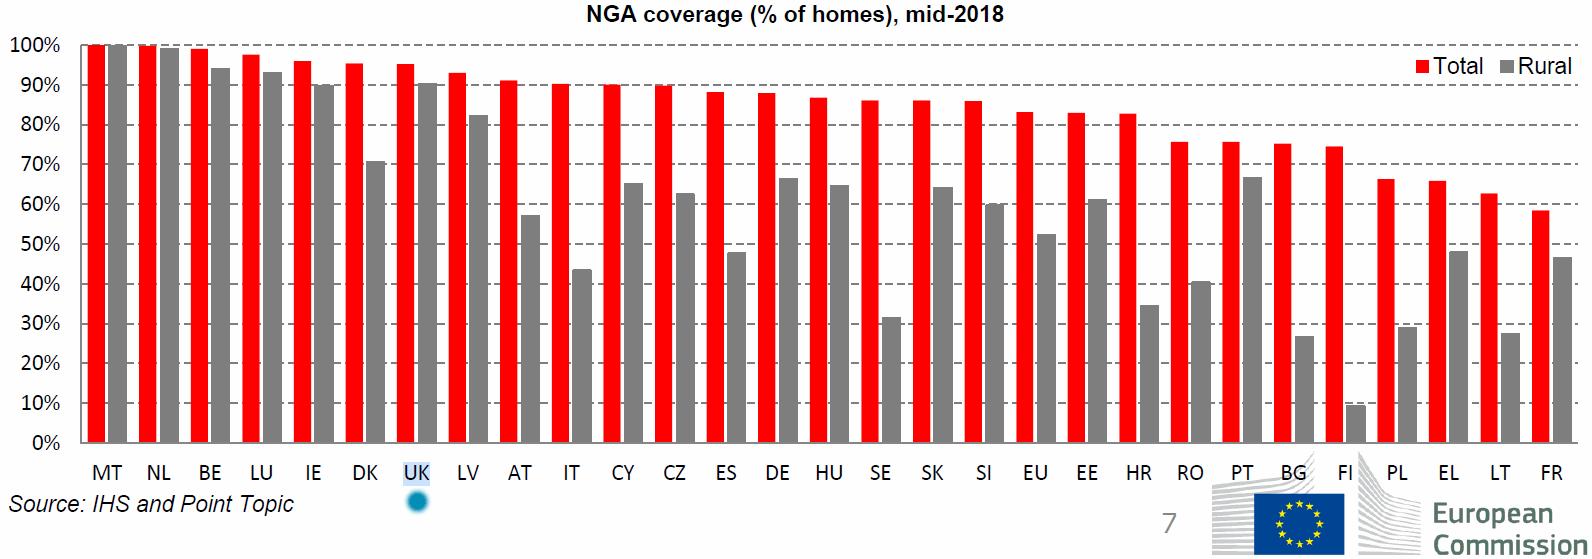 eu_2019_nga_broadband_coverage_by_country